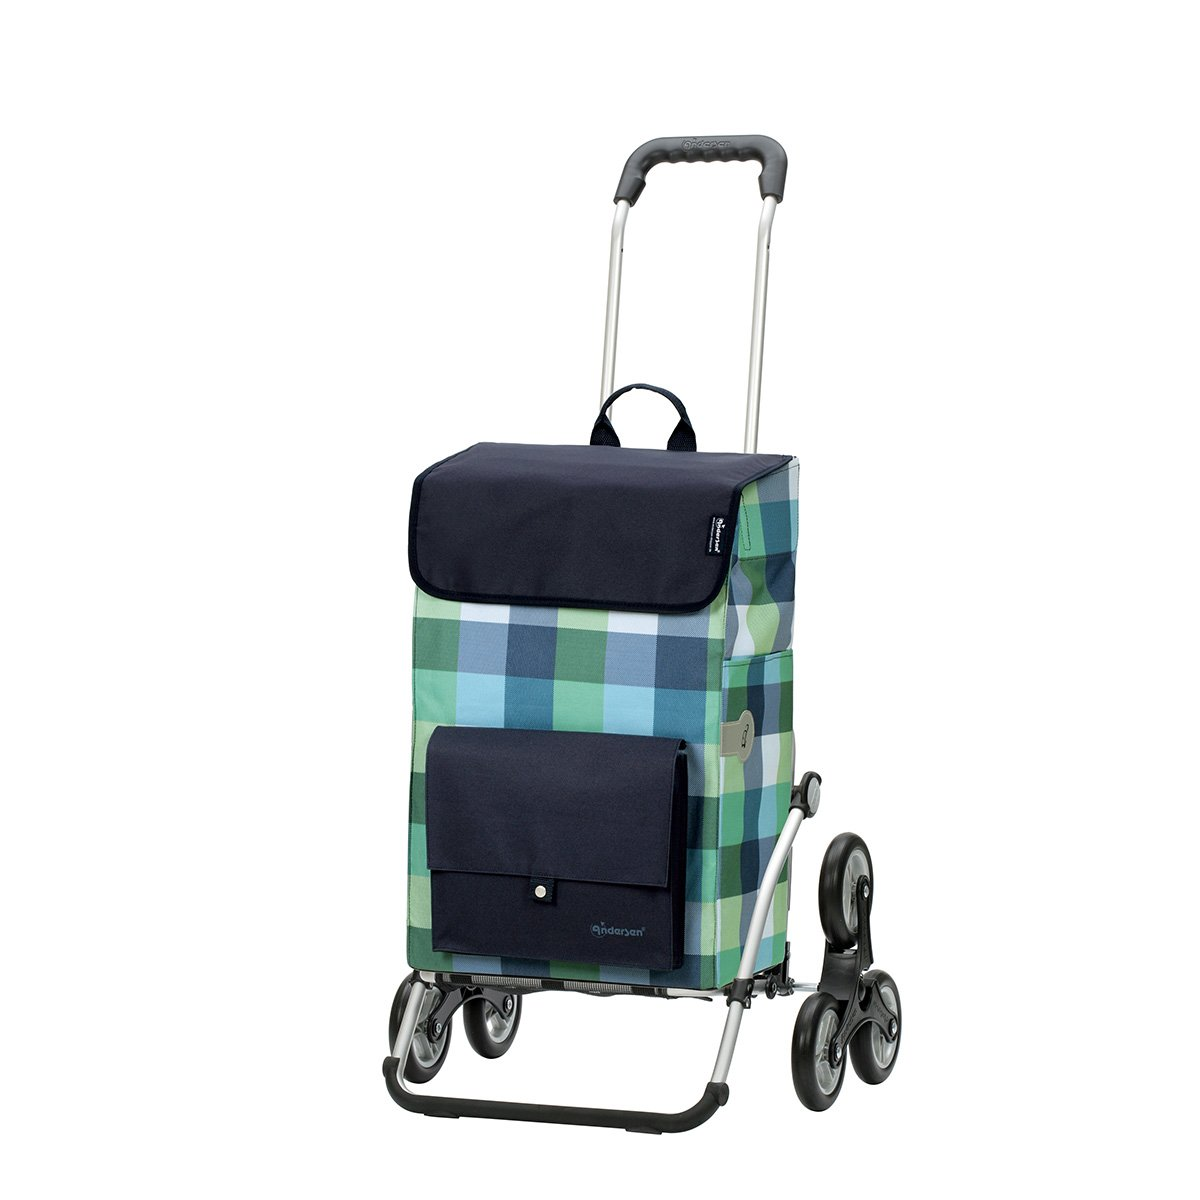 Andersen Carello portaspesa Royal con borsa Riva blu, capienza di 49L, telaio in alluminio e 6 ruote saliscale Andersen Shopper Manufaktur